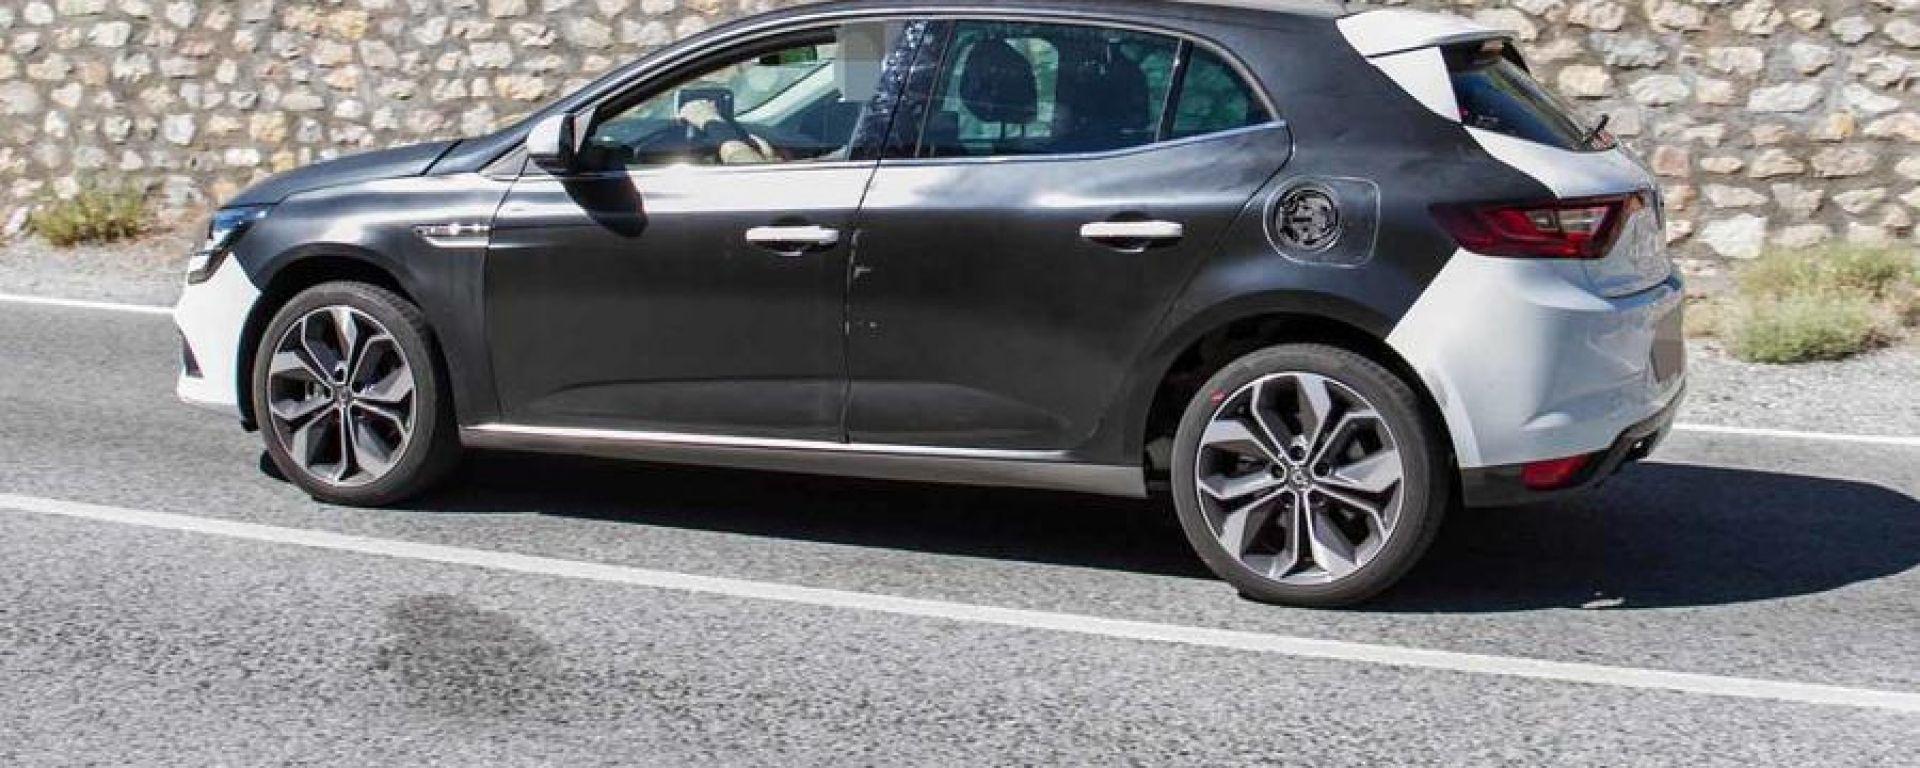 Renault Megane restyling, prime foto spia